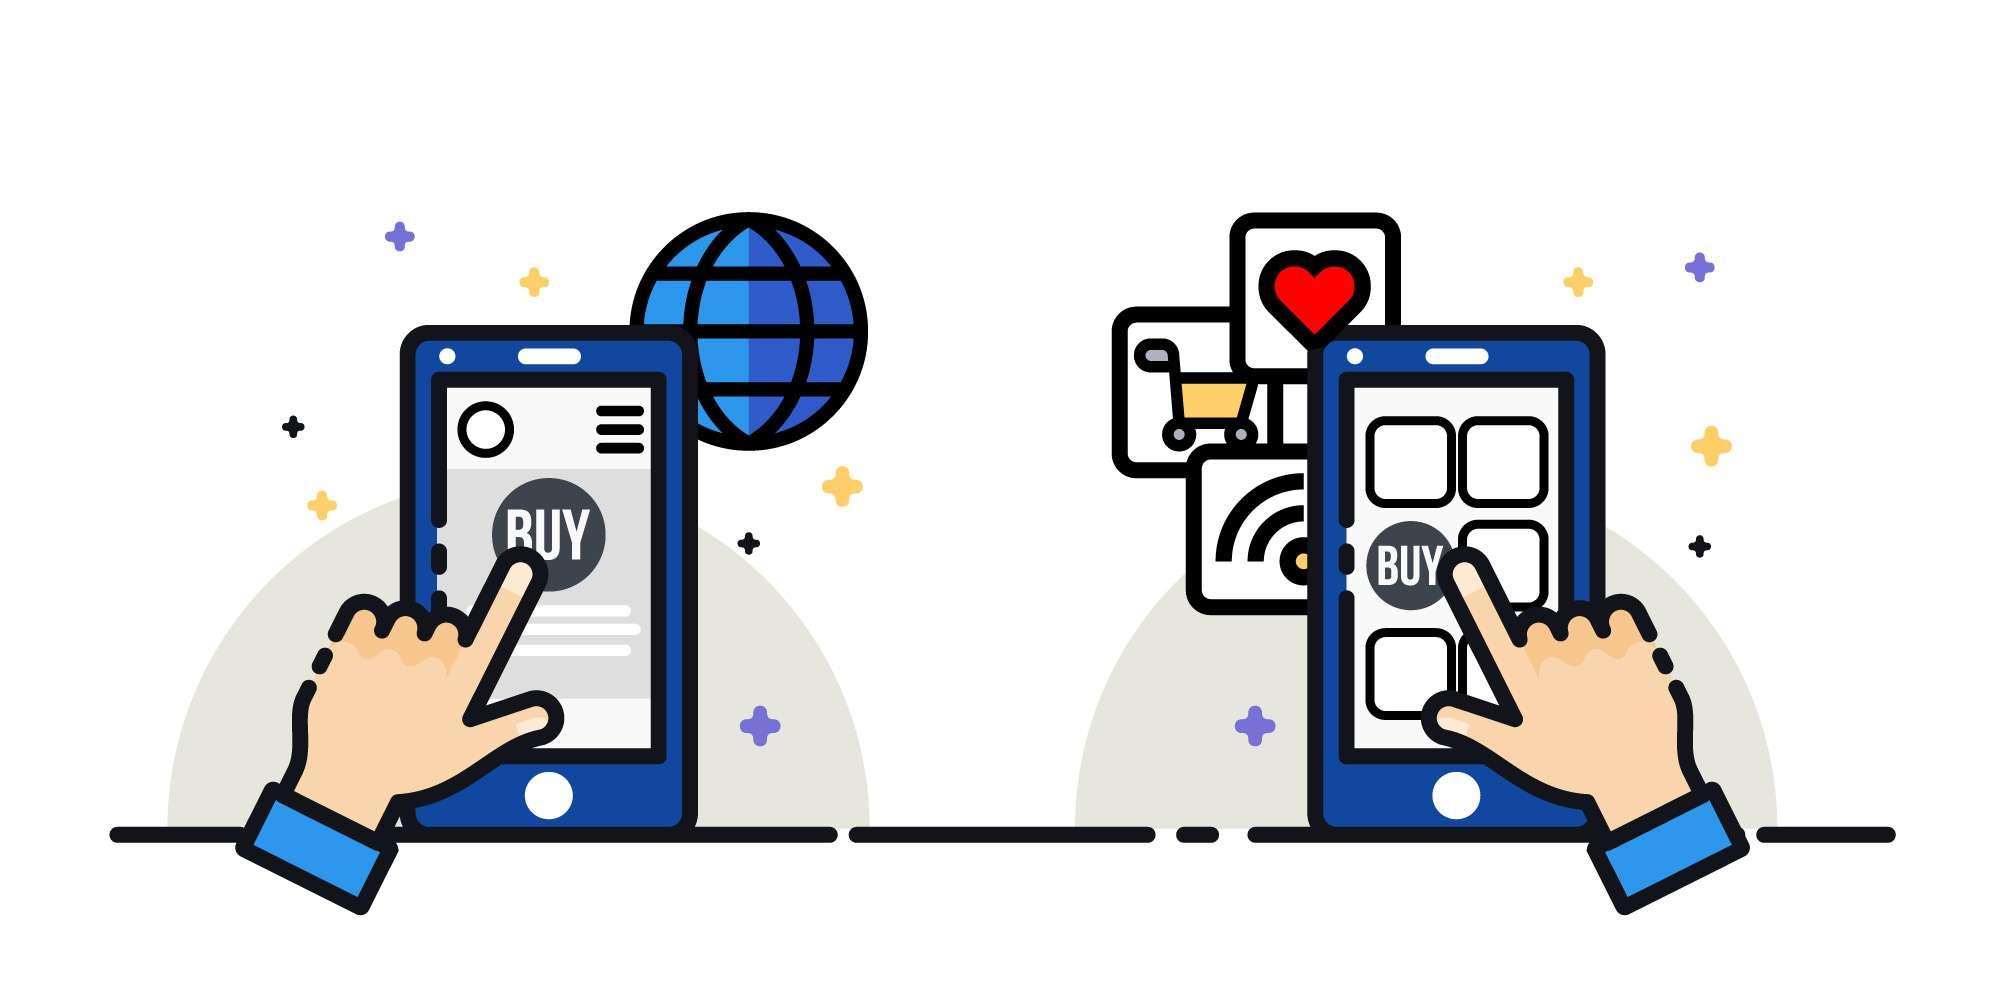 افزایش تعامل کاربران با موبایل در ماه رمضان و اهمیت بهینه بودن نسخه وب موبایل